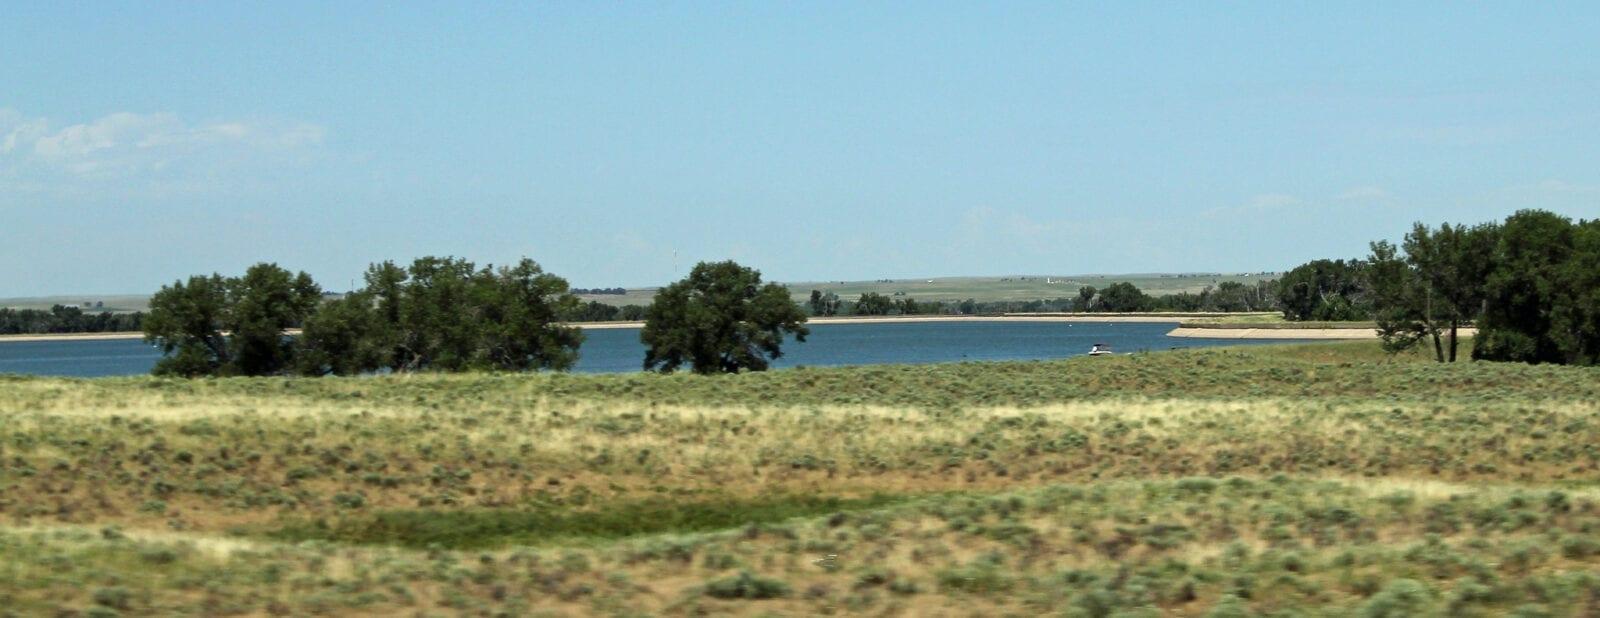 image of Prewitt Reservoir